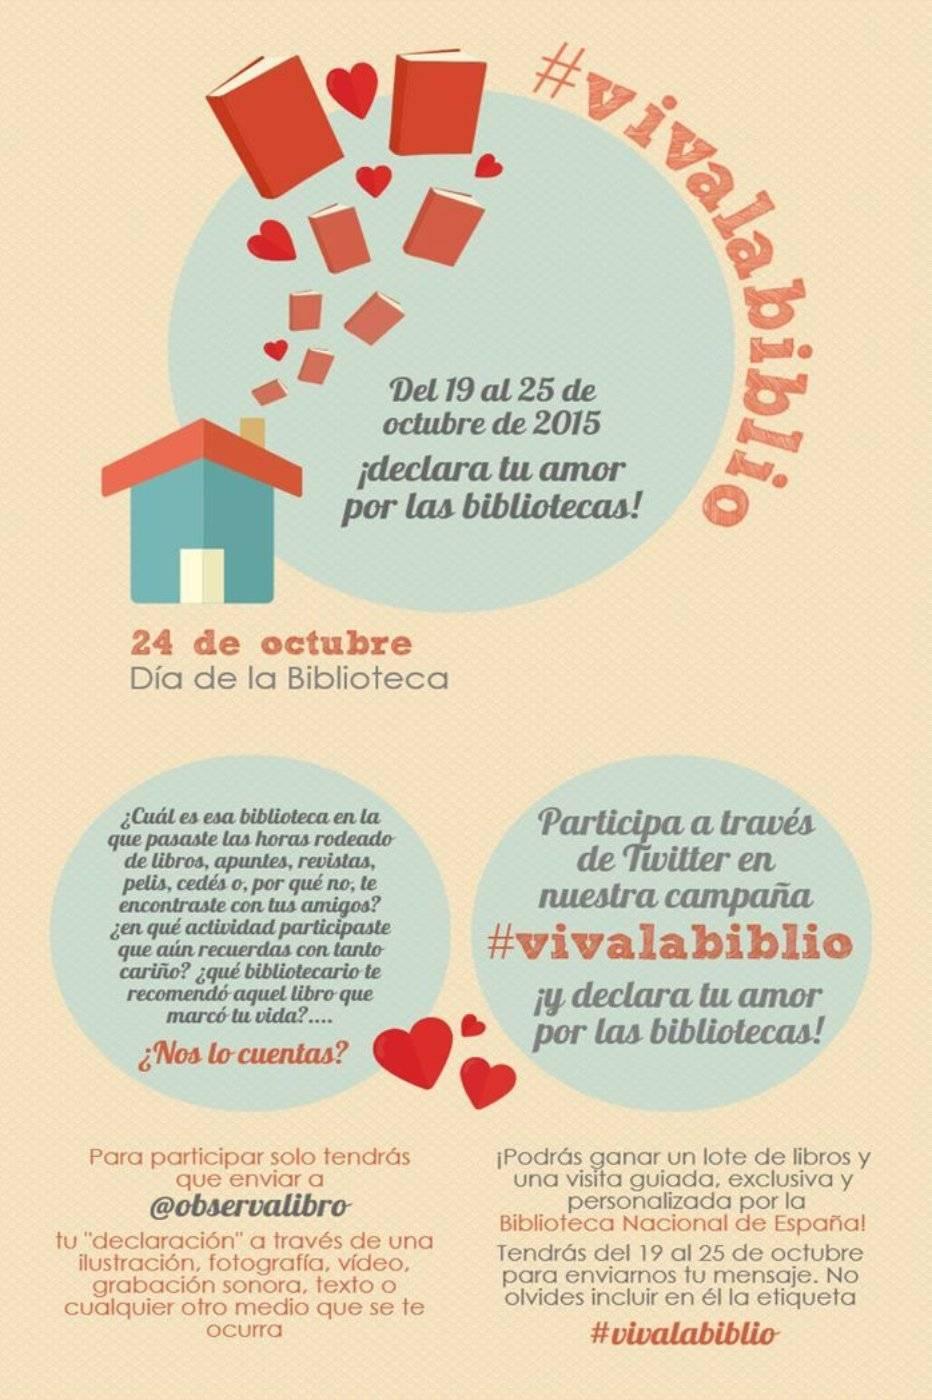 Imagen1 Vivalabiblio Magnolia - Campaña #vivalabiblio de apoyo a las bibliotecas